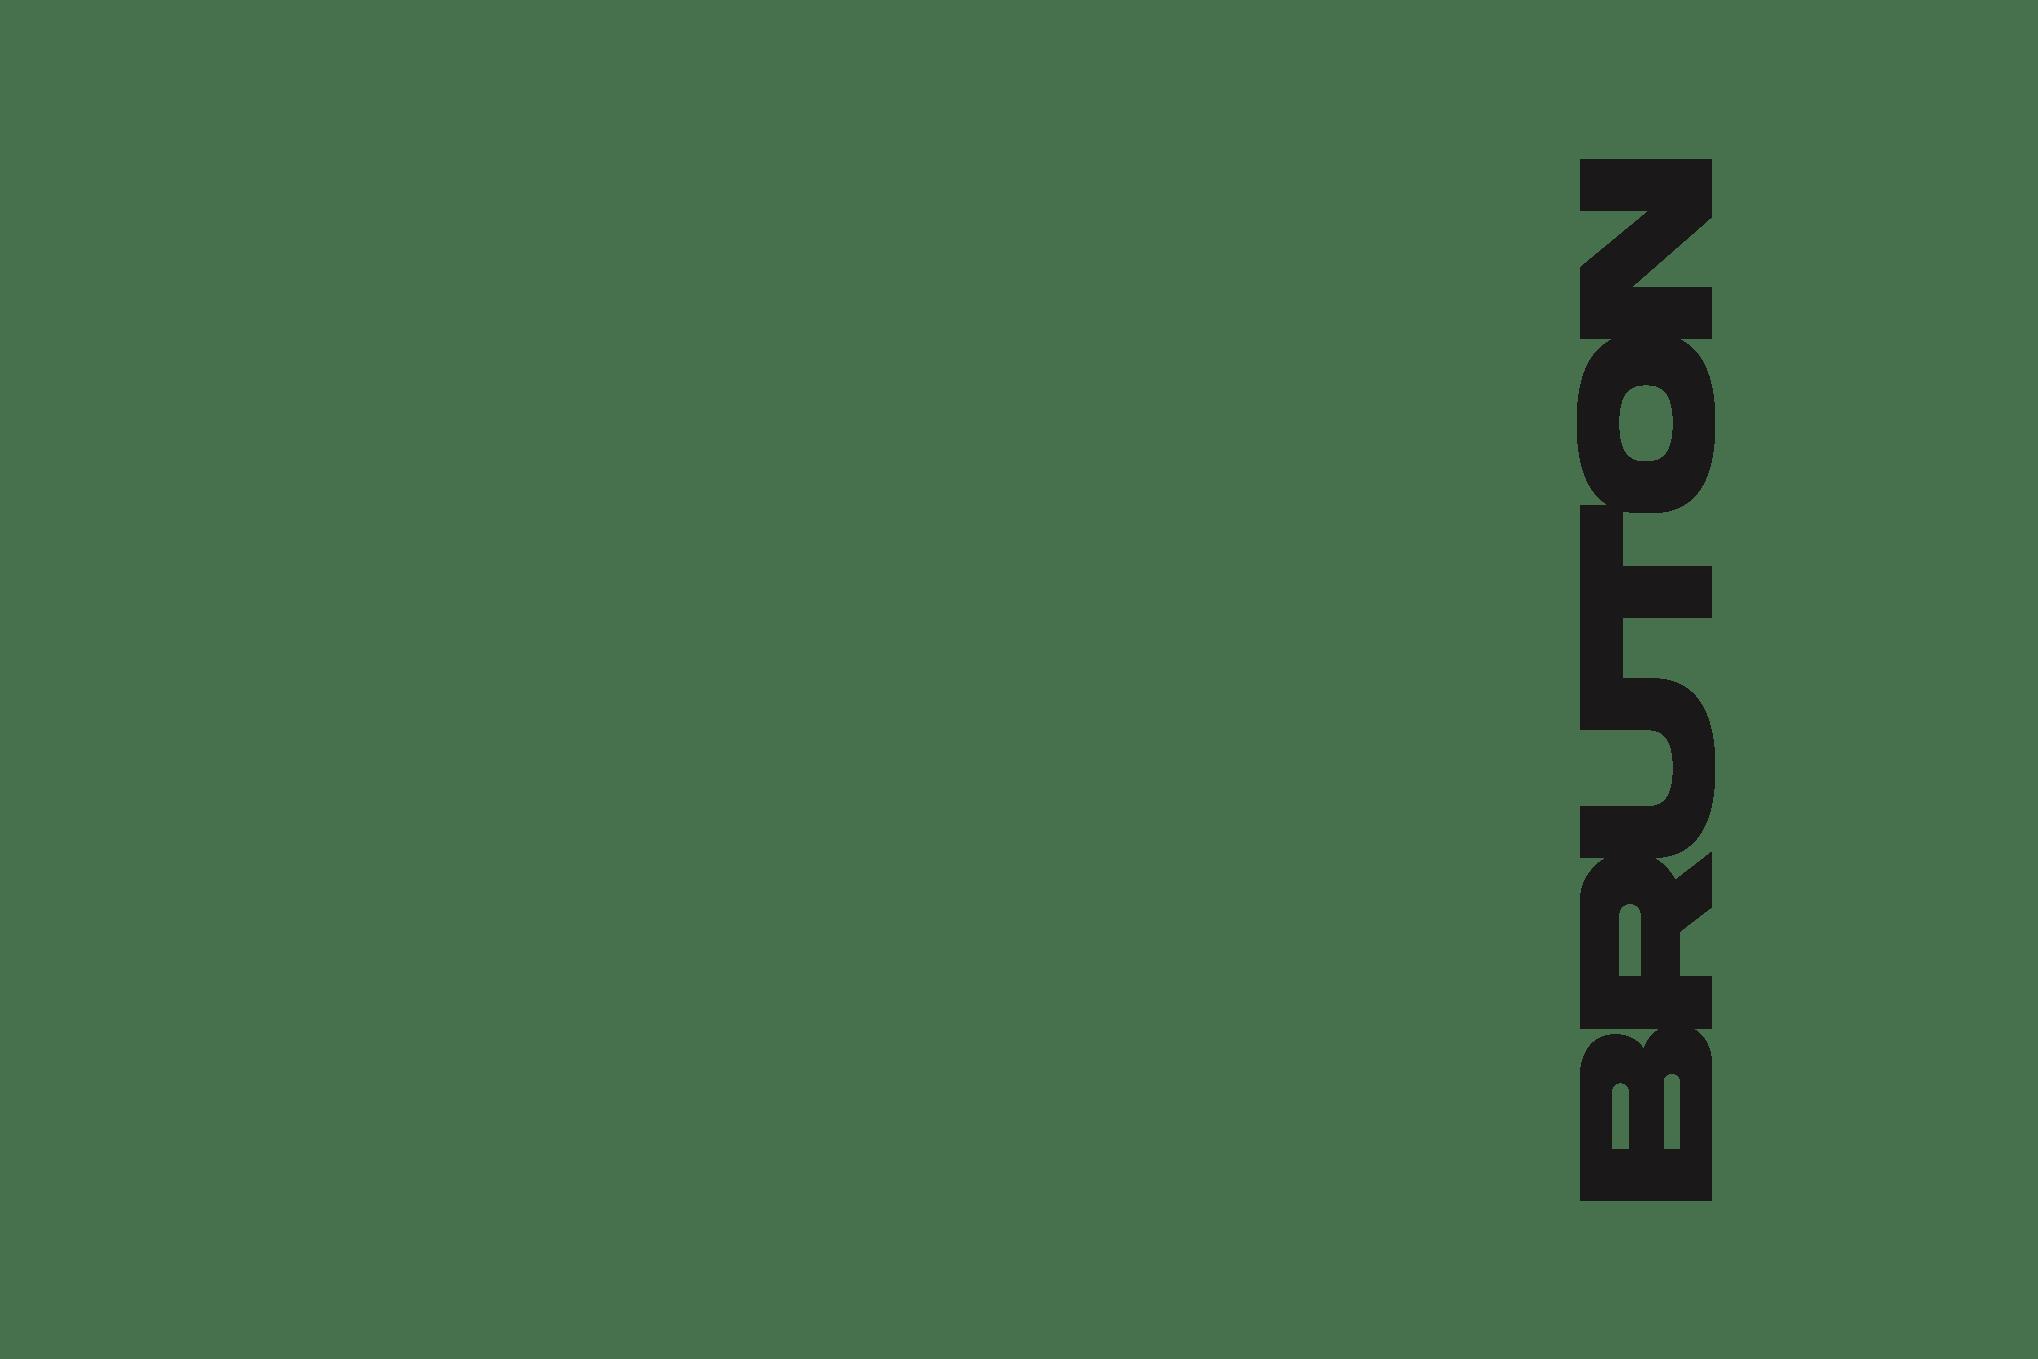 bruton